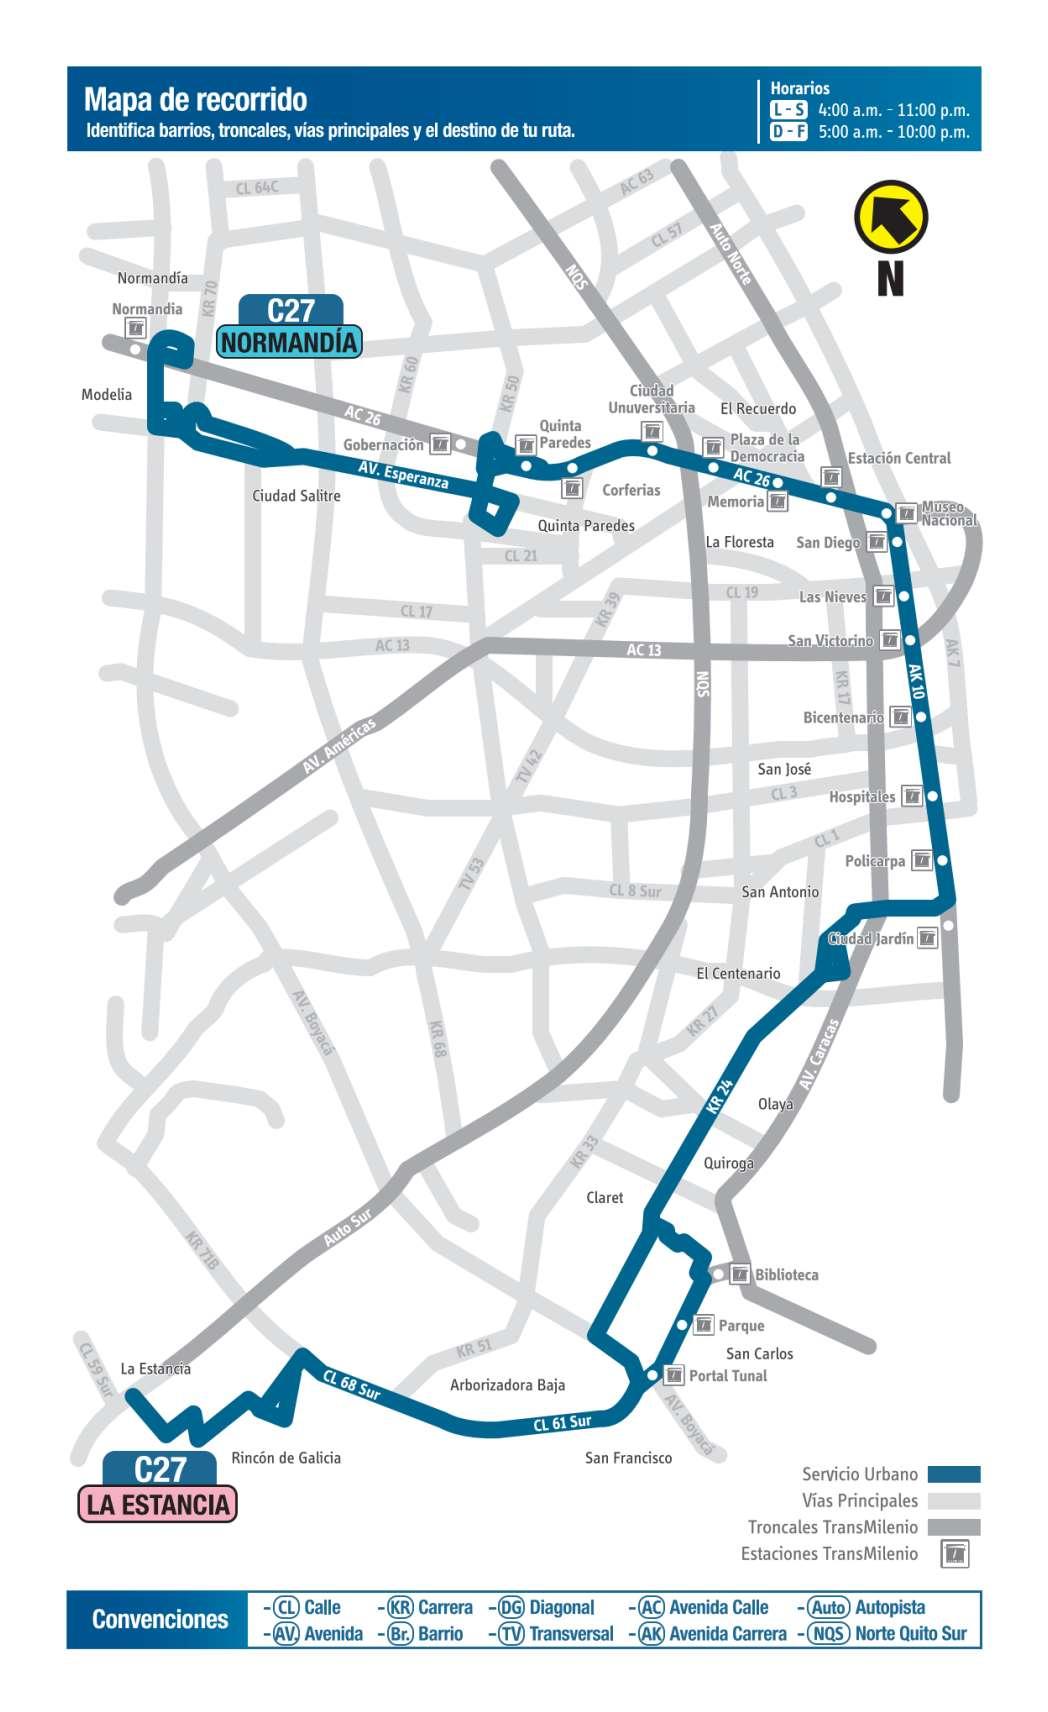 C27 La Estancia - Normandía, mapa bus urbano Bogotá